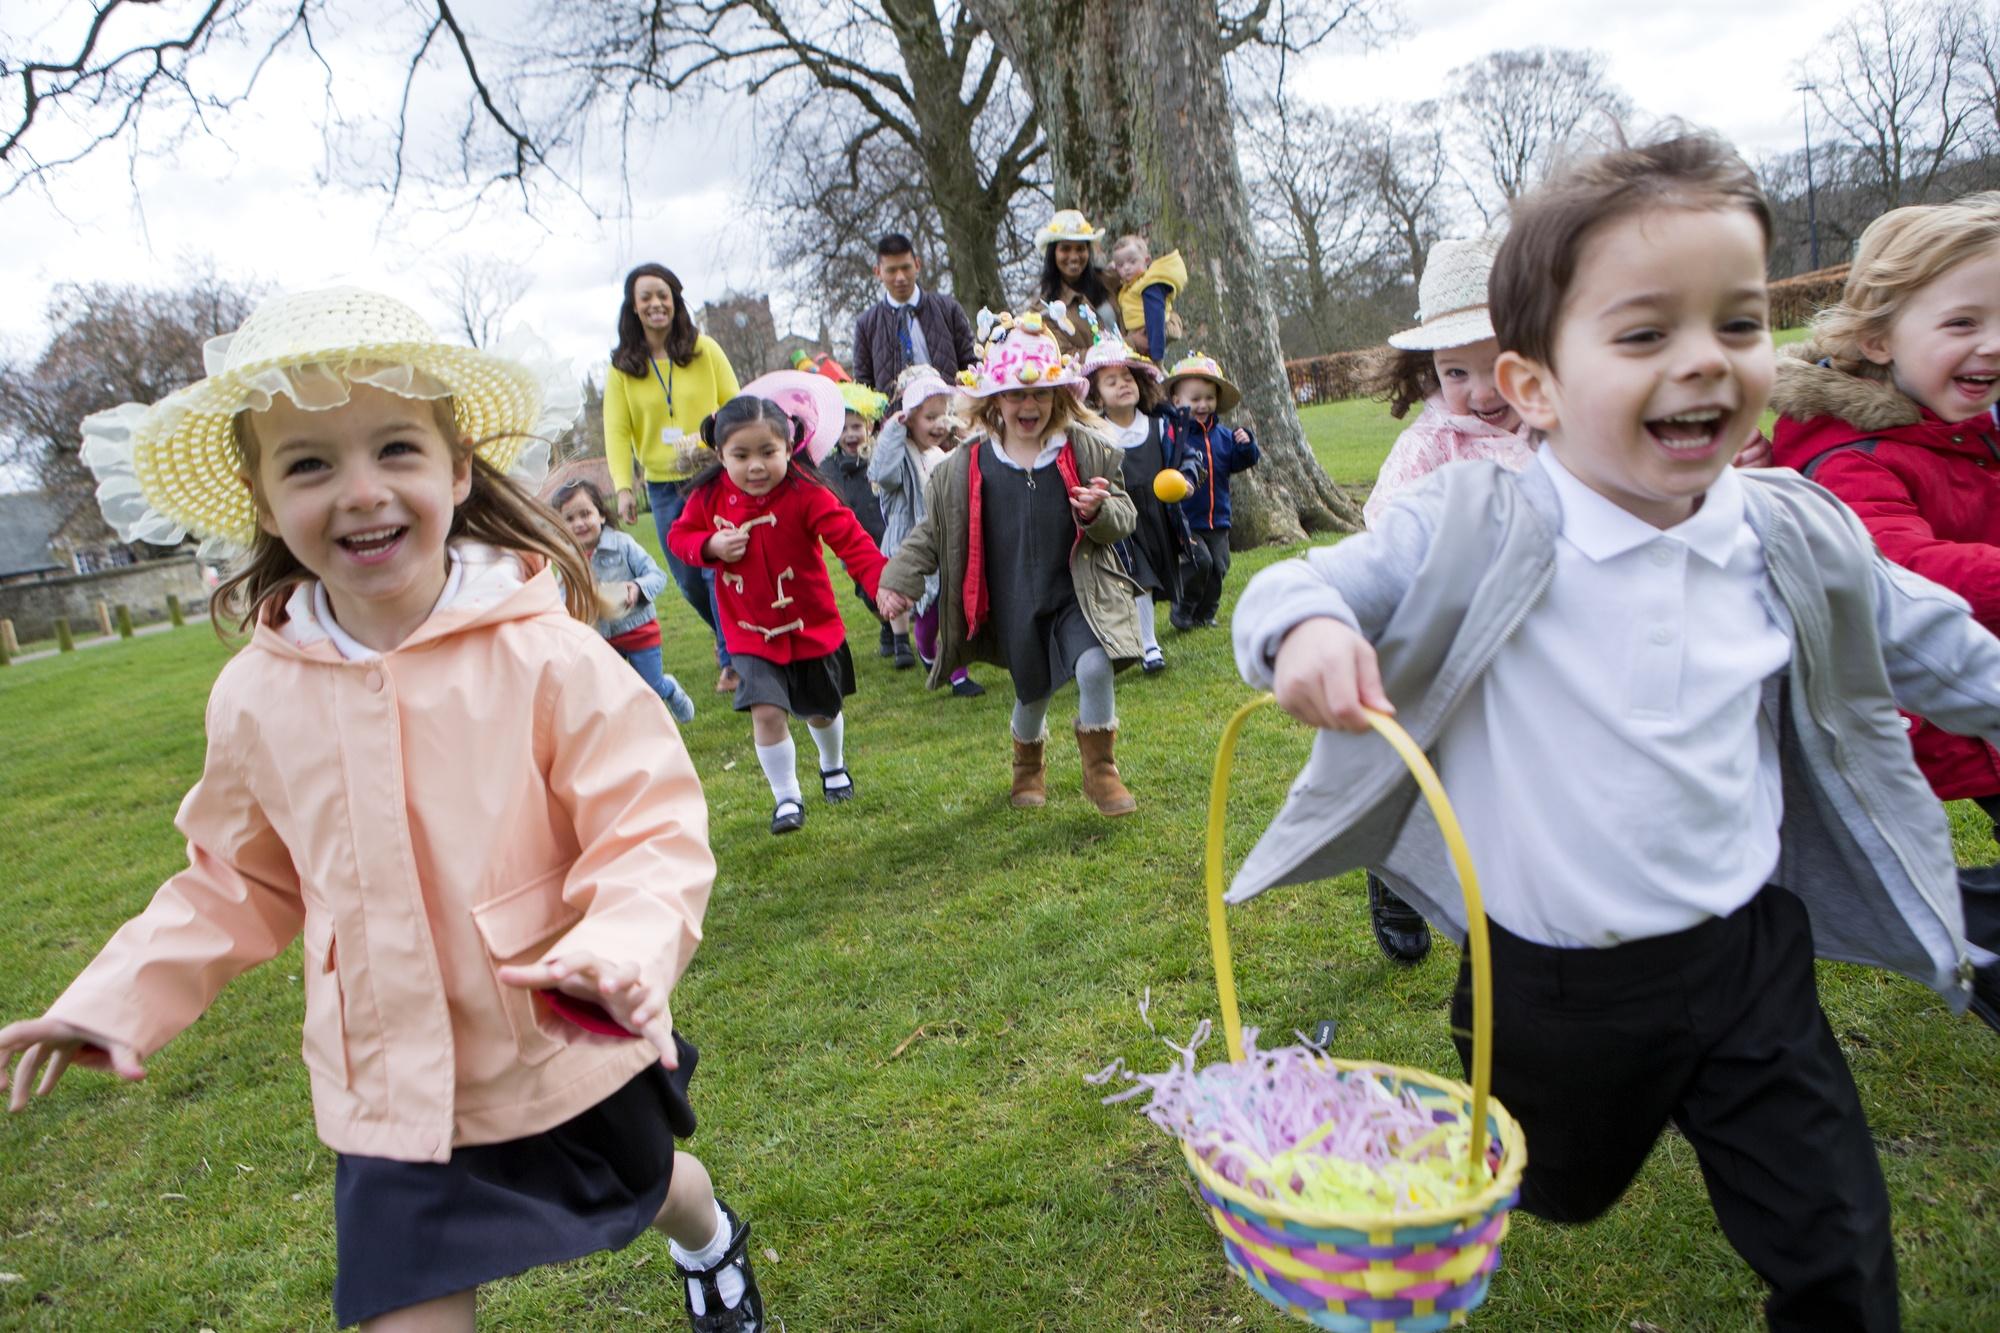 Easter events kids on Easter egg hunt